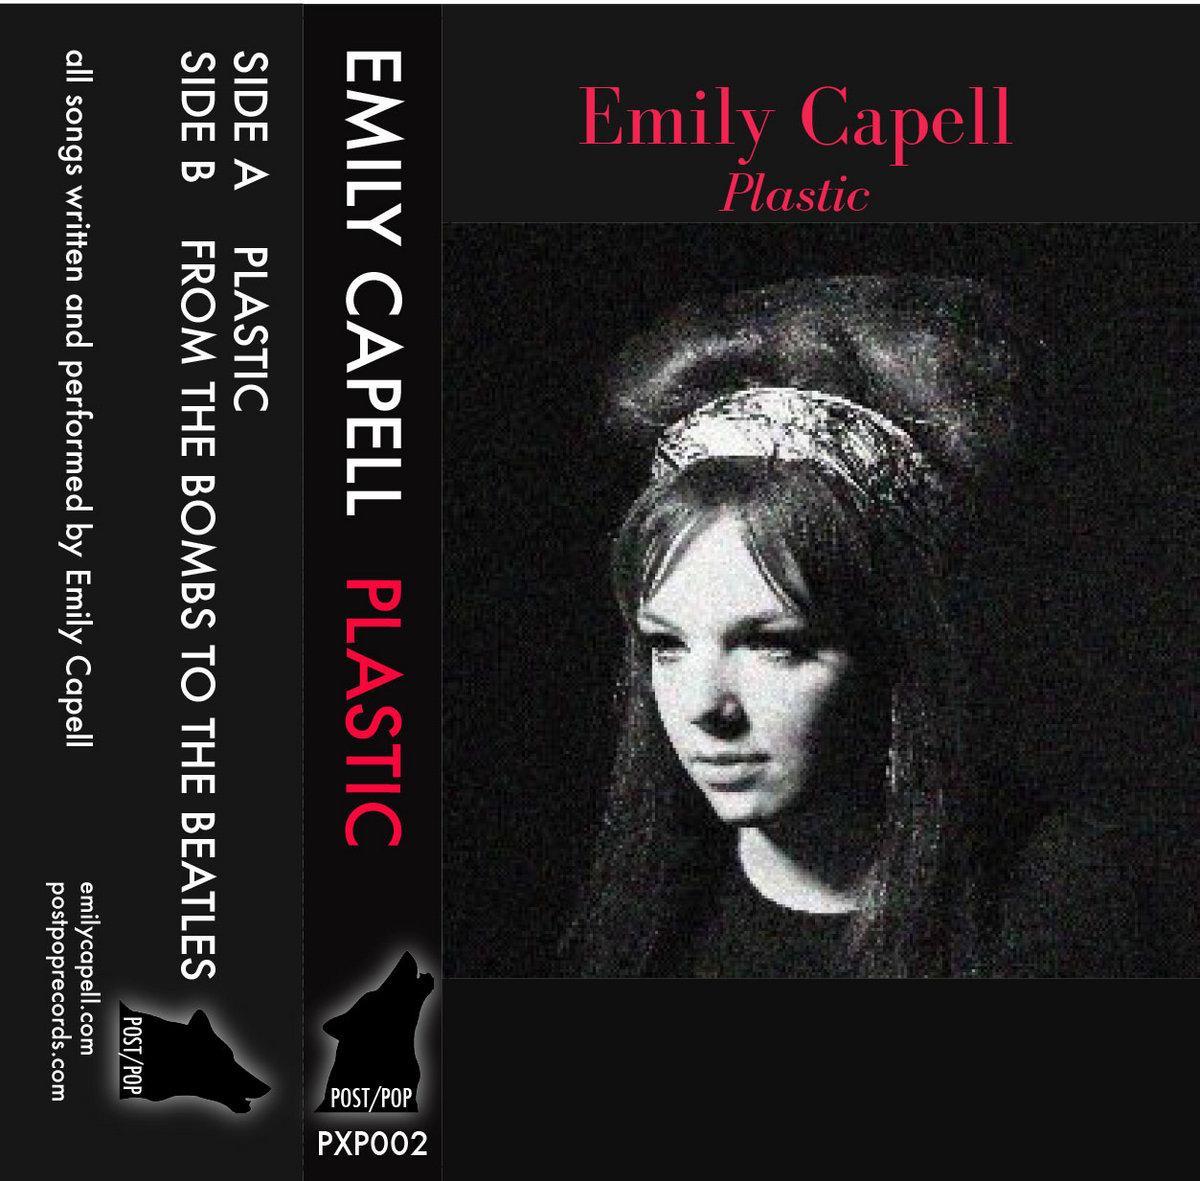 EMILY CAPELL - PLASTIC (PXP002)